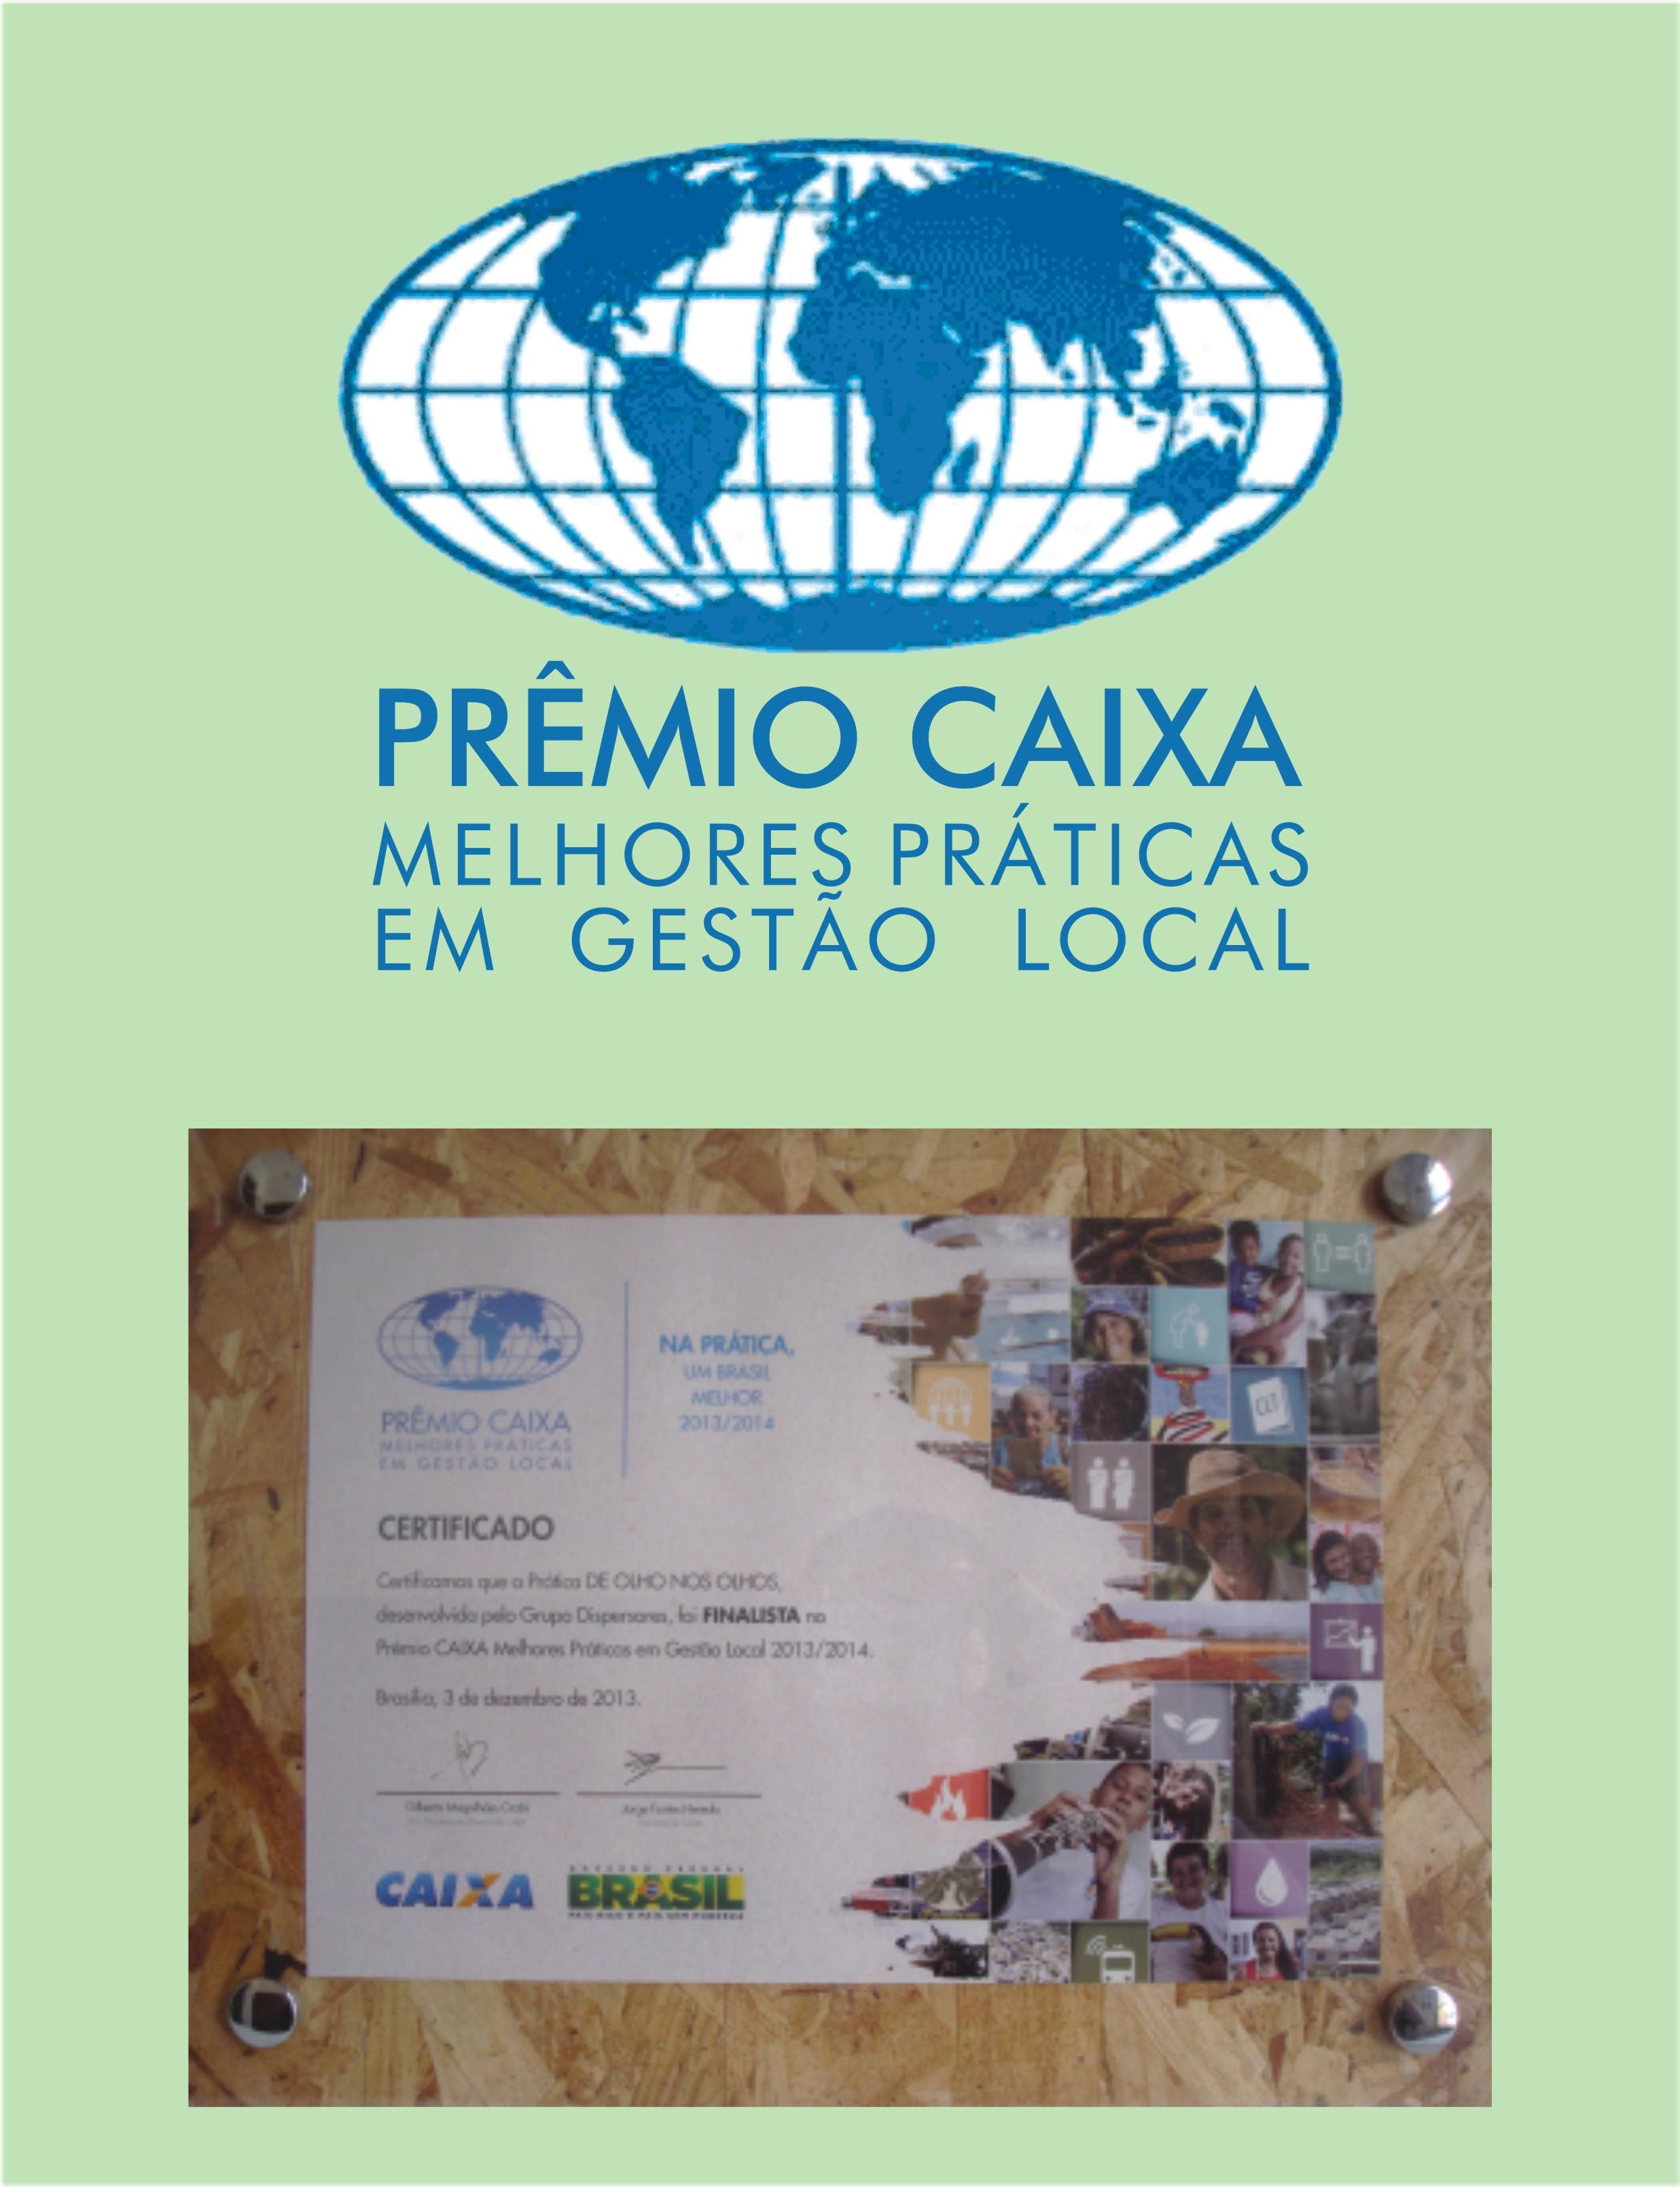 Prêmio CAIXA Melhores Práticas